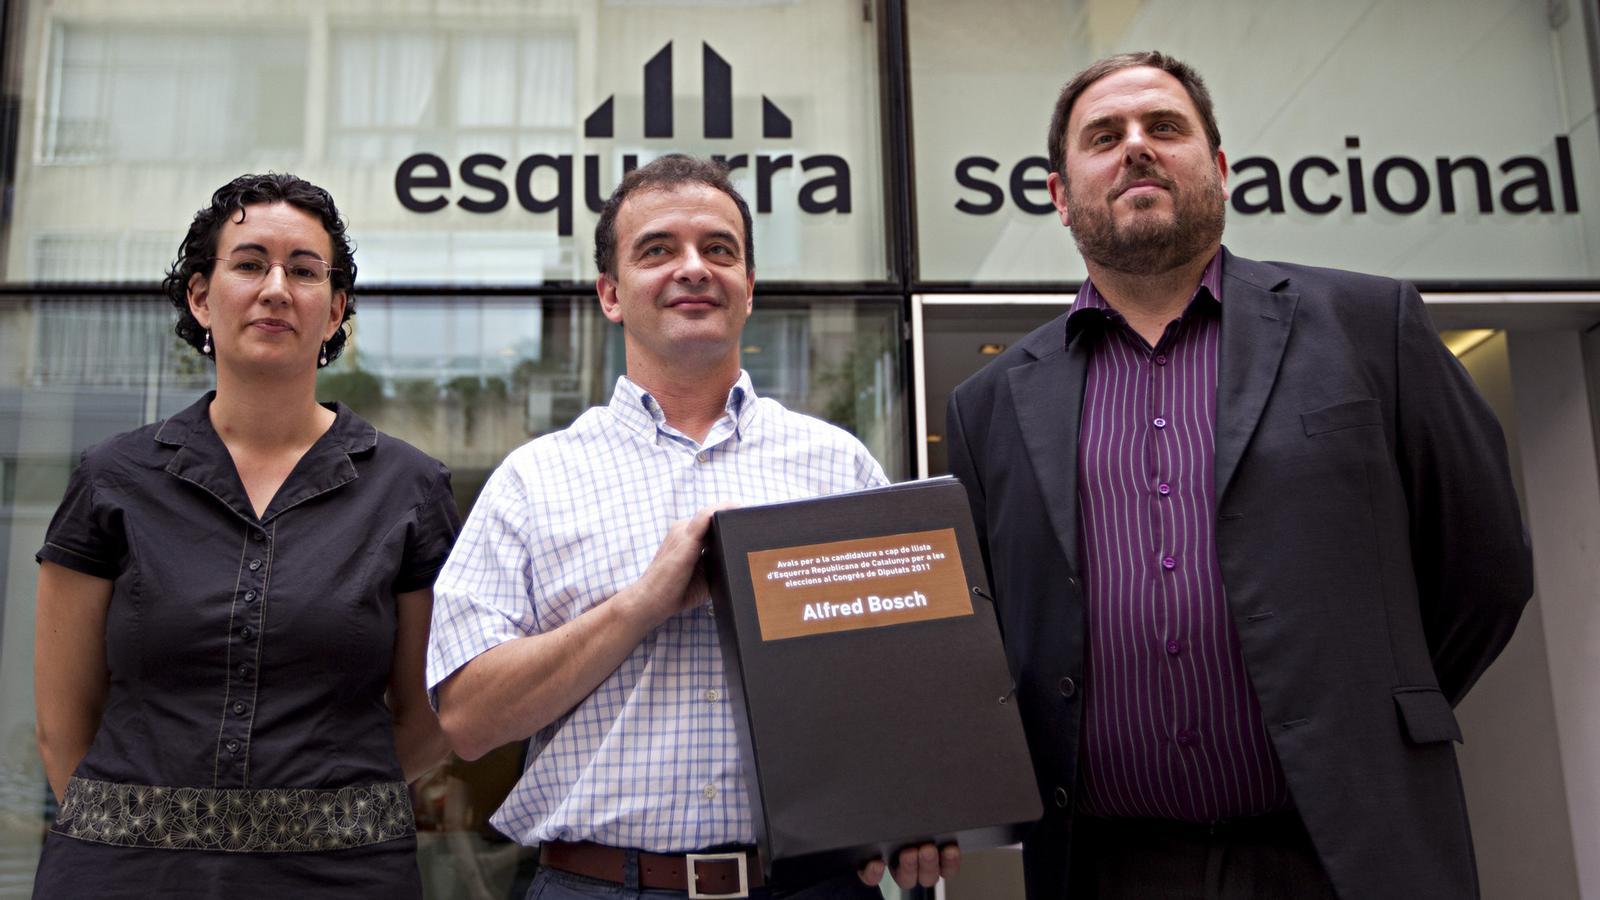 Bosch, al costat de Junqueras i Rovira, va presentar ahir els seus avals per ser candidat d'ERC a les eleccions espanyoles.